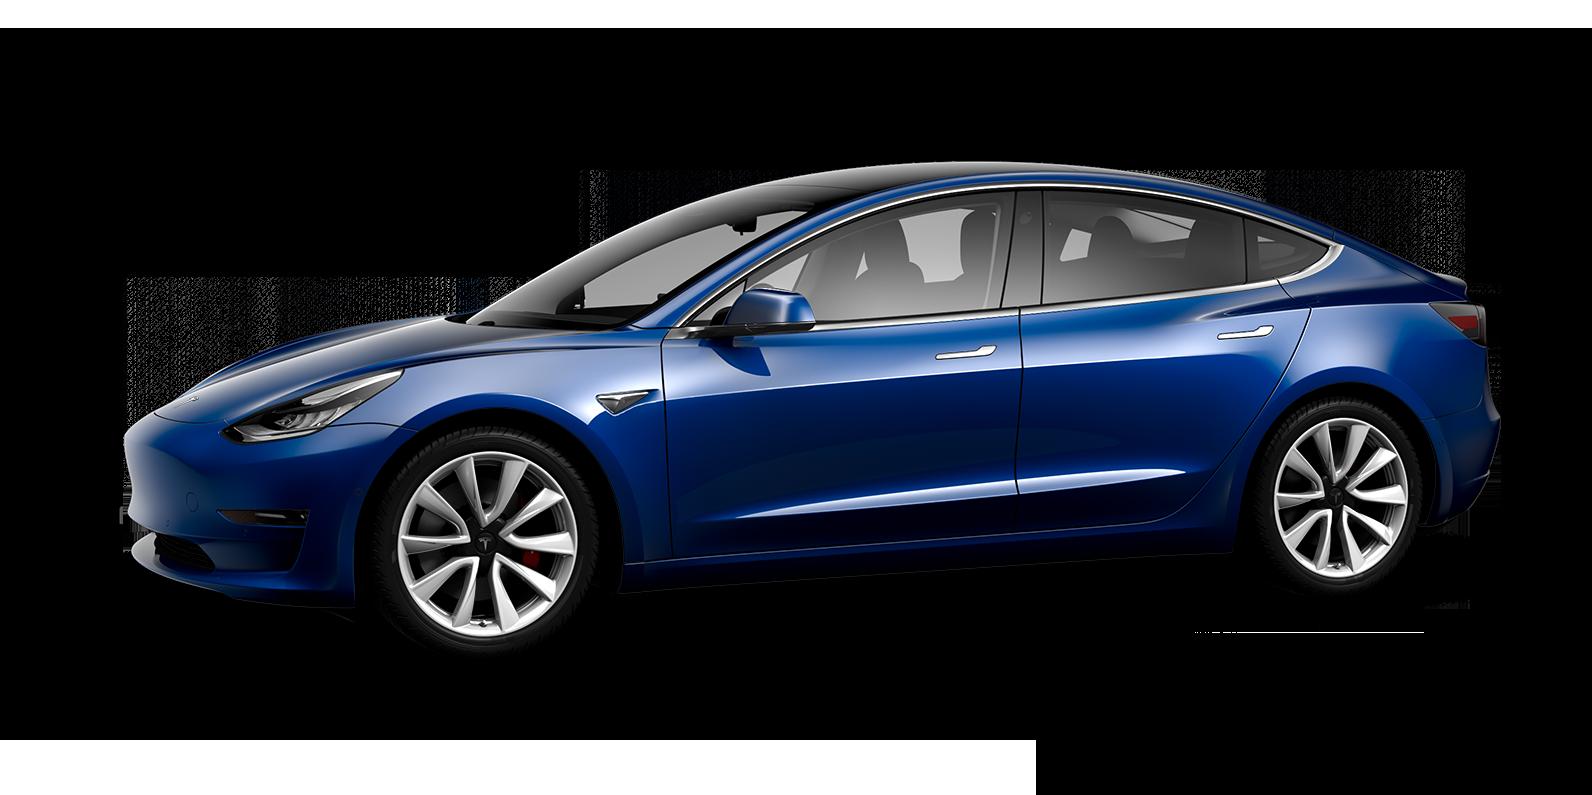 Tesla liefert die ersten 30 Exemplare des Model 3 aus ...